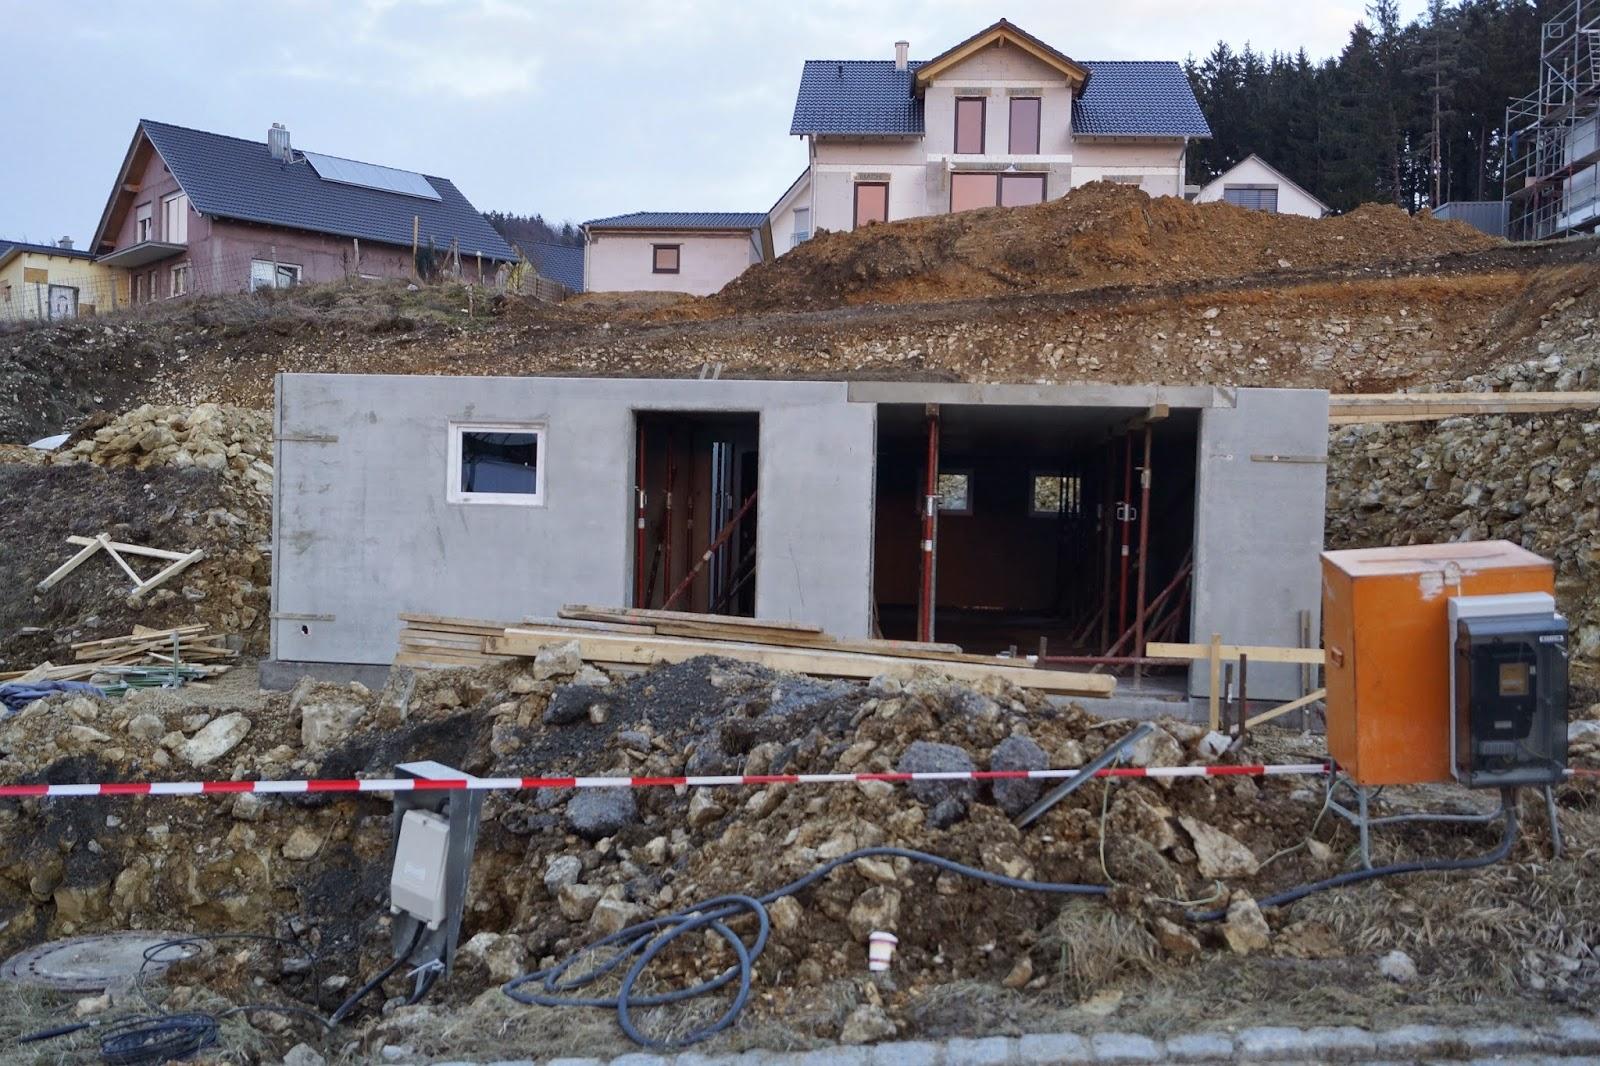 Unser Traumhaus mit Allkauf: Keller, Küche und viel mehr....